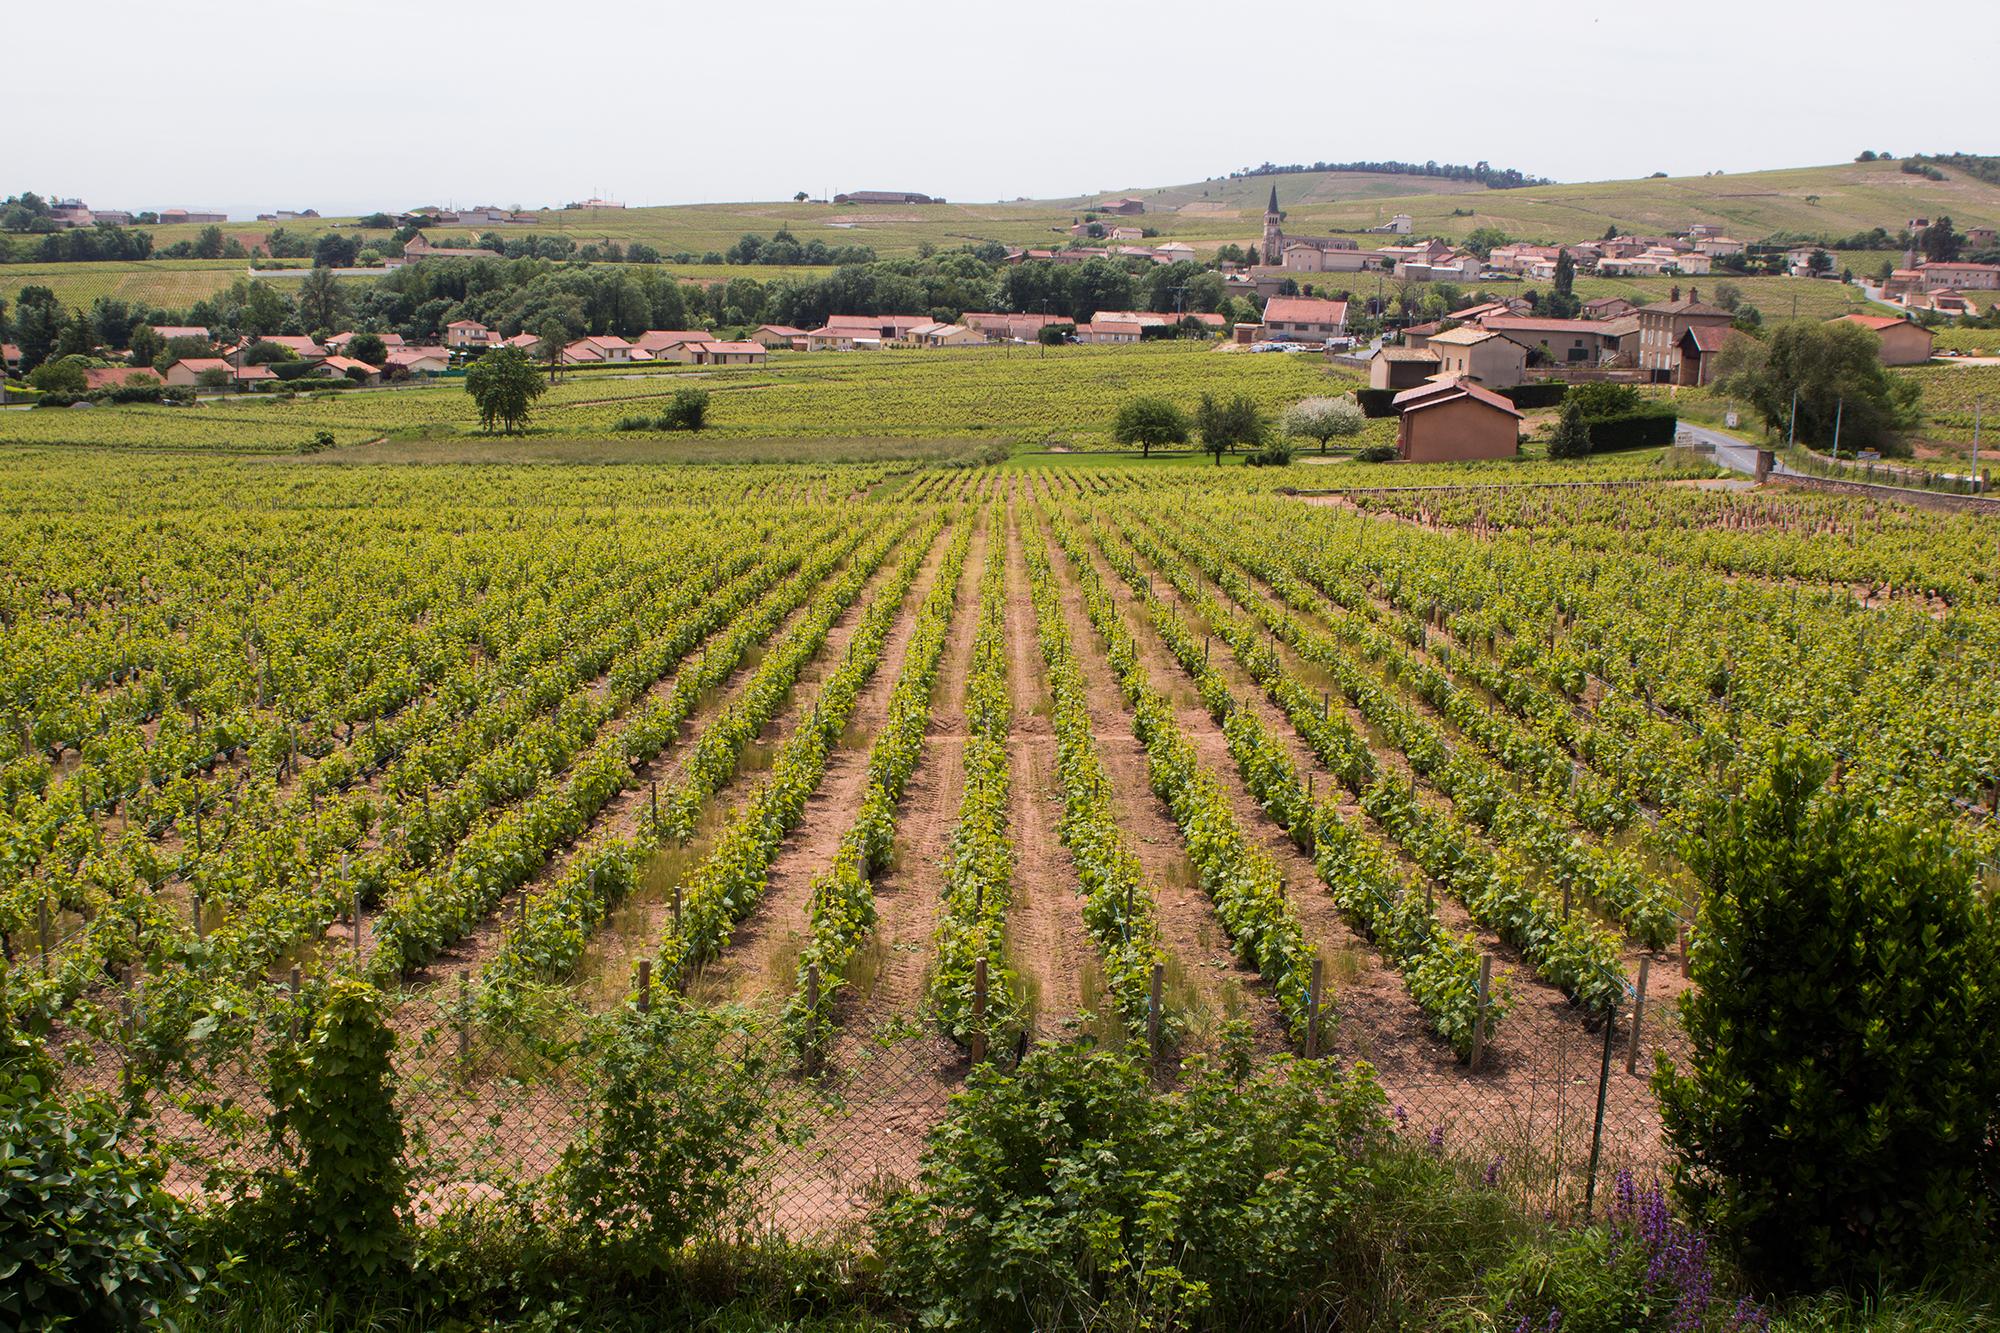 Een wijngaard van gewone wijnmakers. Bemerk het verschil in flora.